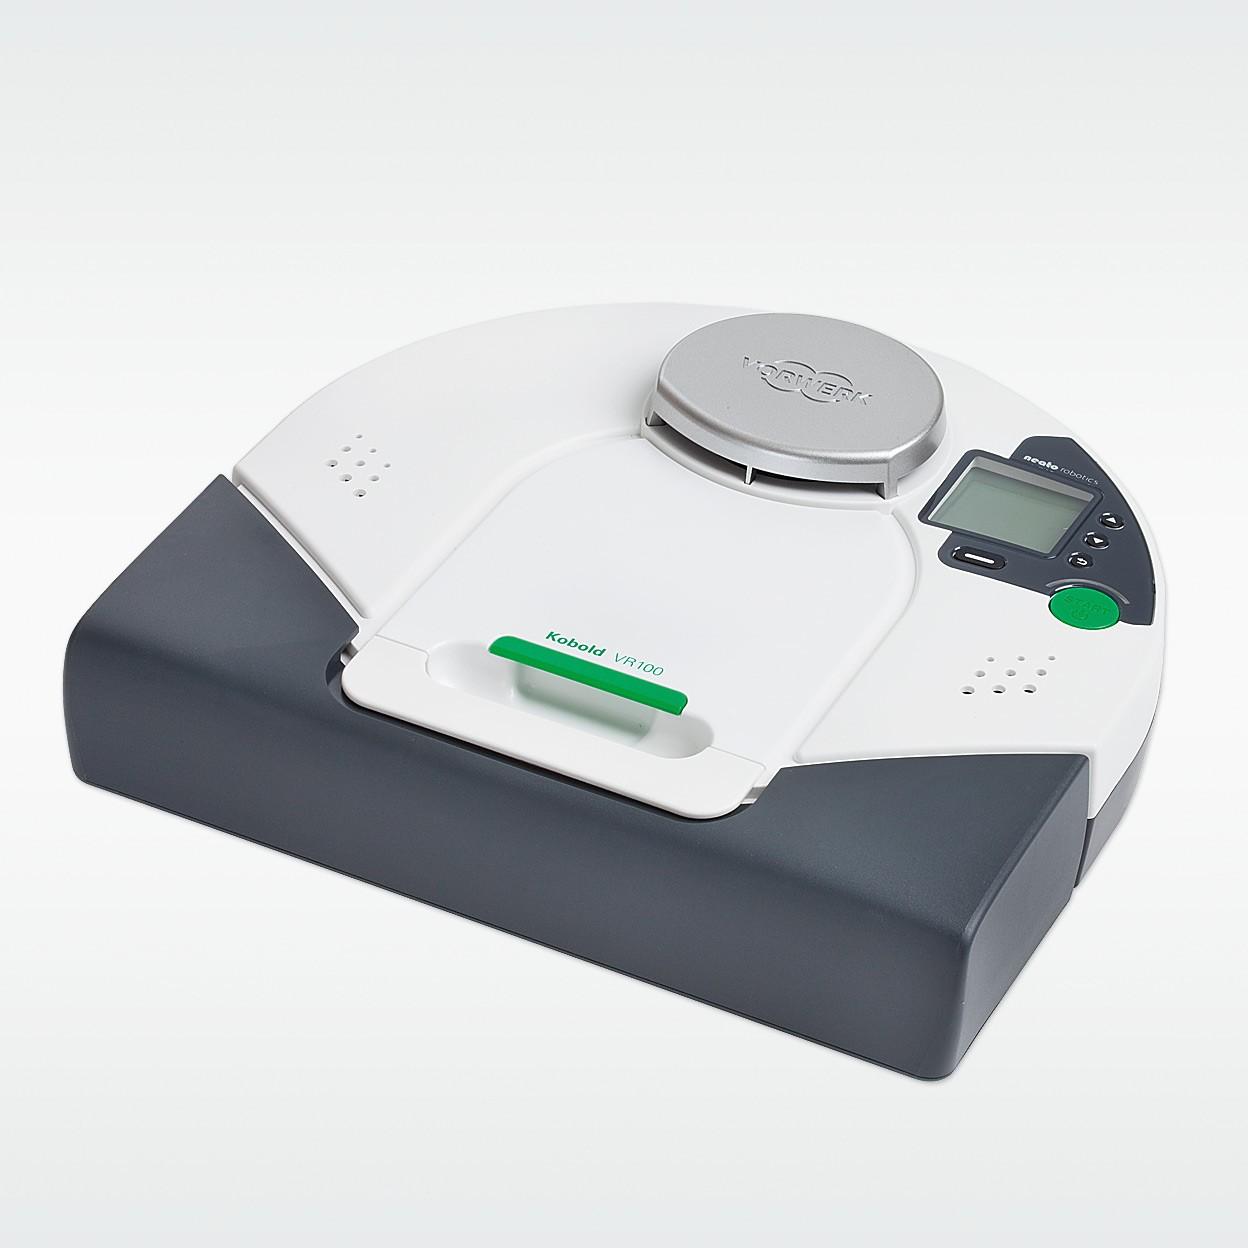 grand designs special offer kobold vr100 vorwerk vacuum cleaner from vk direct kobold. Black Bedroom Furniture Sets. Home Design Ideas